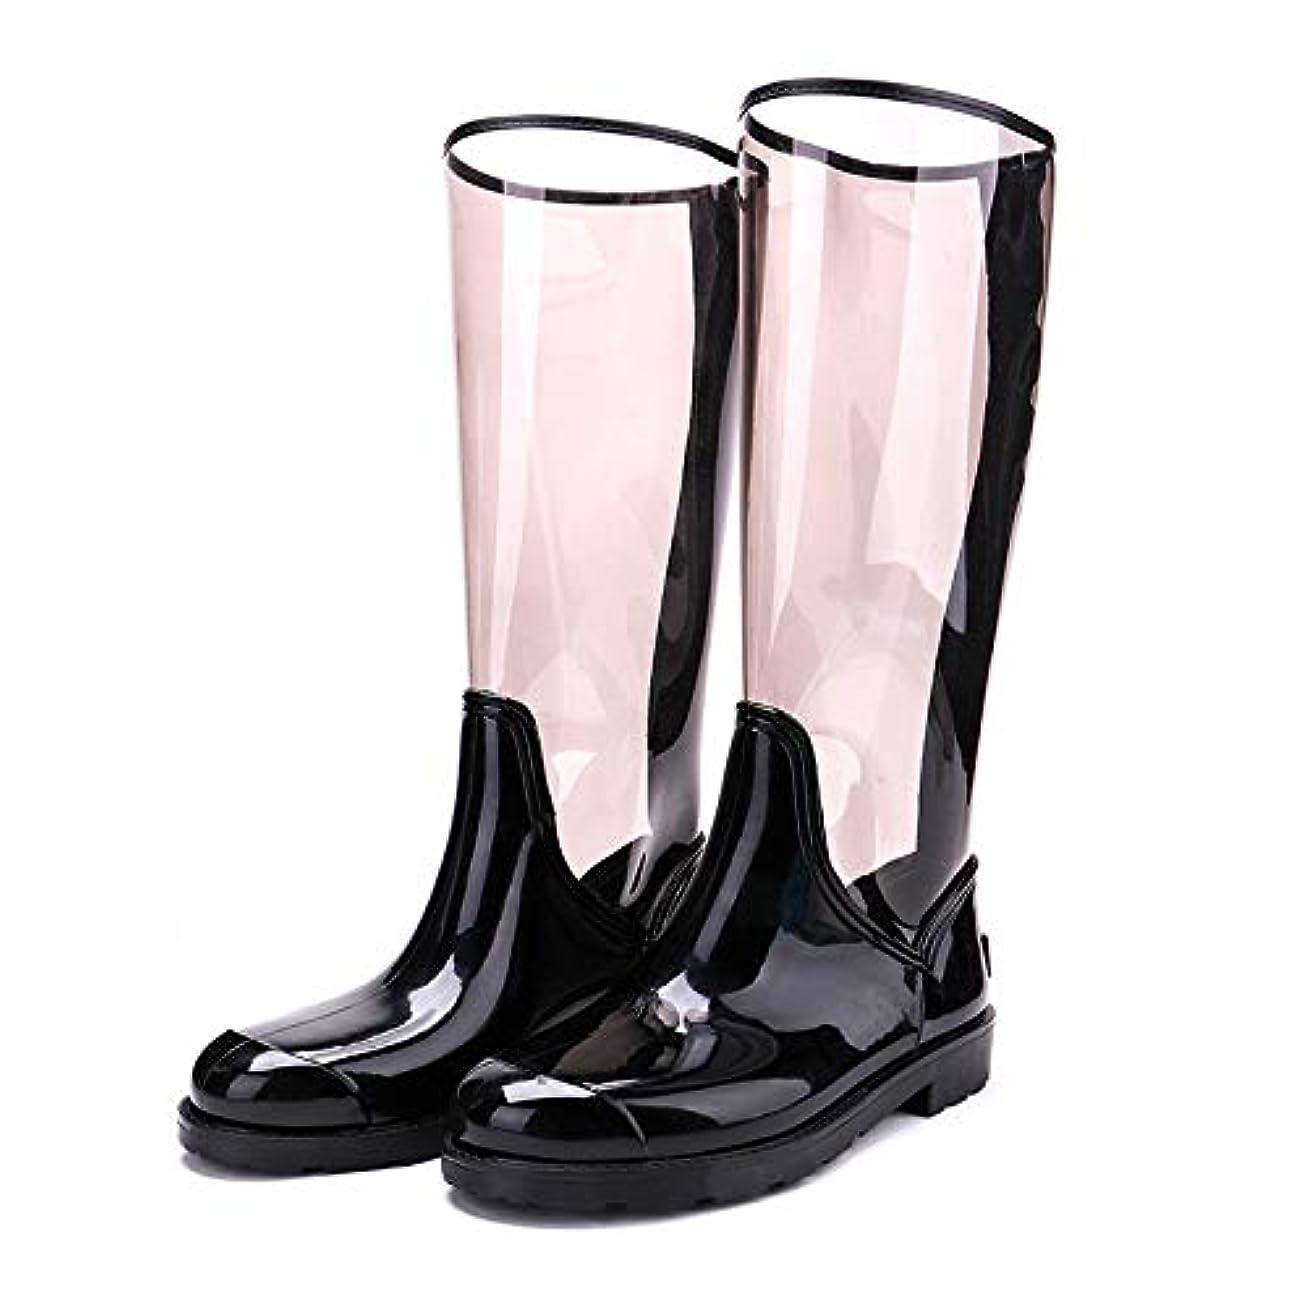 壊す魅力的であることへのアピール把握[Estoni] レディース レインブーツ 雨具 美脚レインシューズ 防水 防滑 ミドル丈 ラバーシューズ バックジップ 雨靴 透明 おしゃれ 履きやすい ブラック 通勤 お出かけ